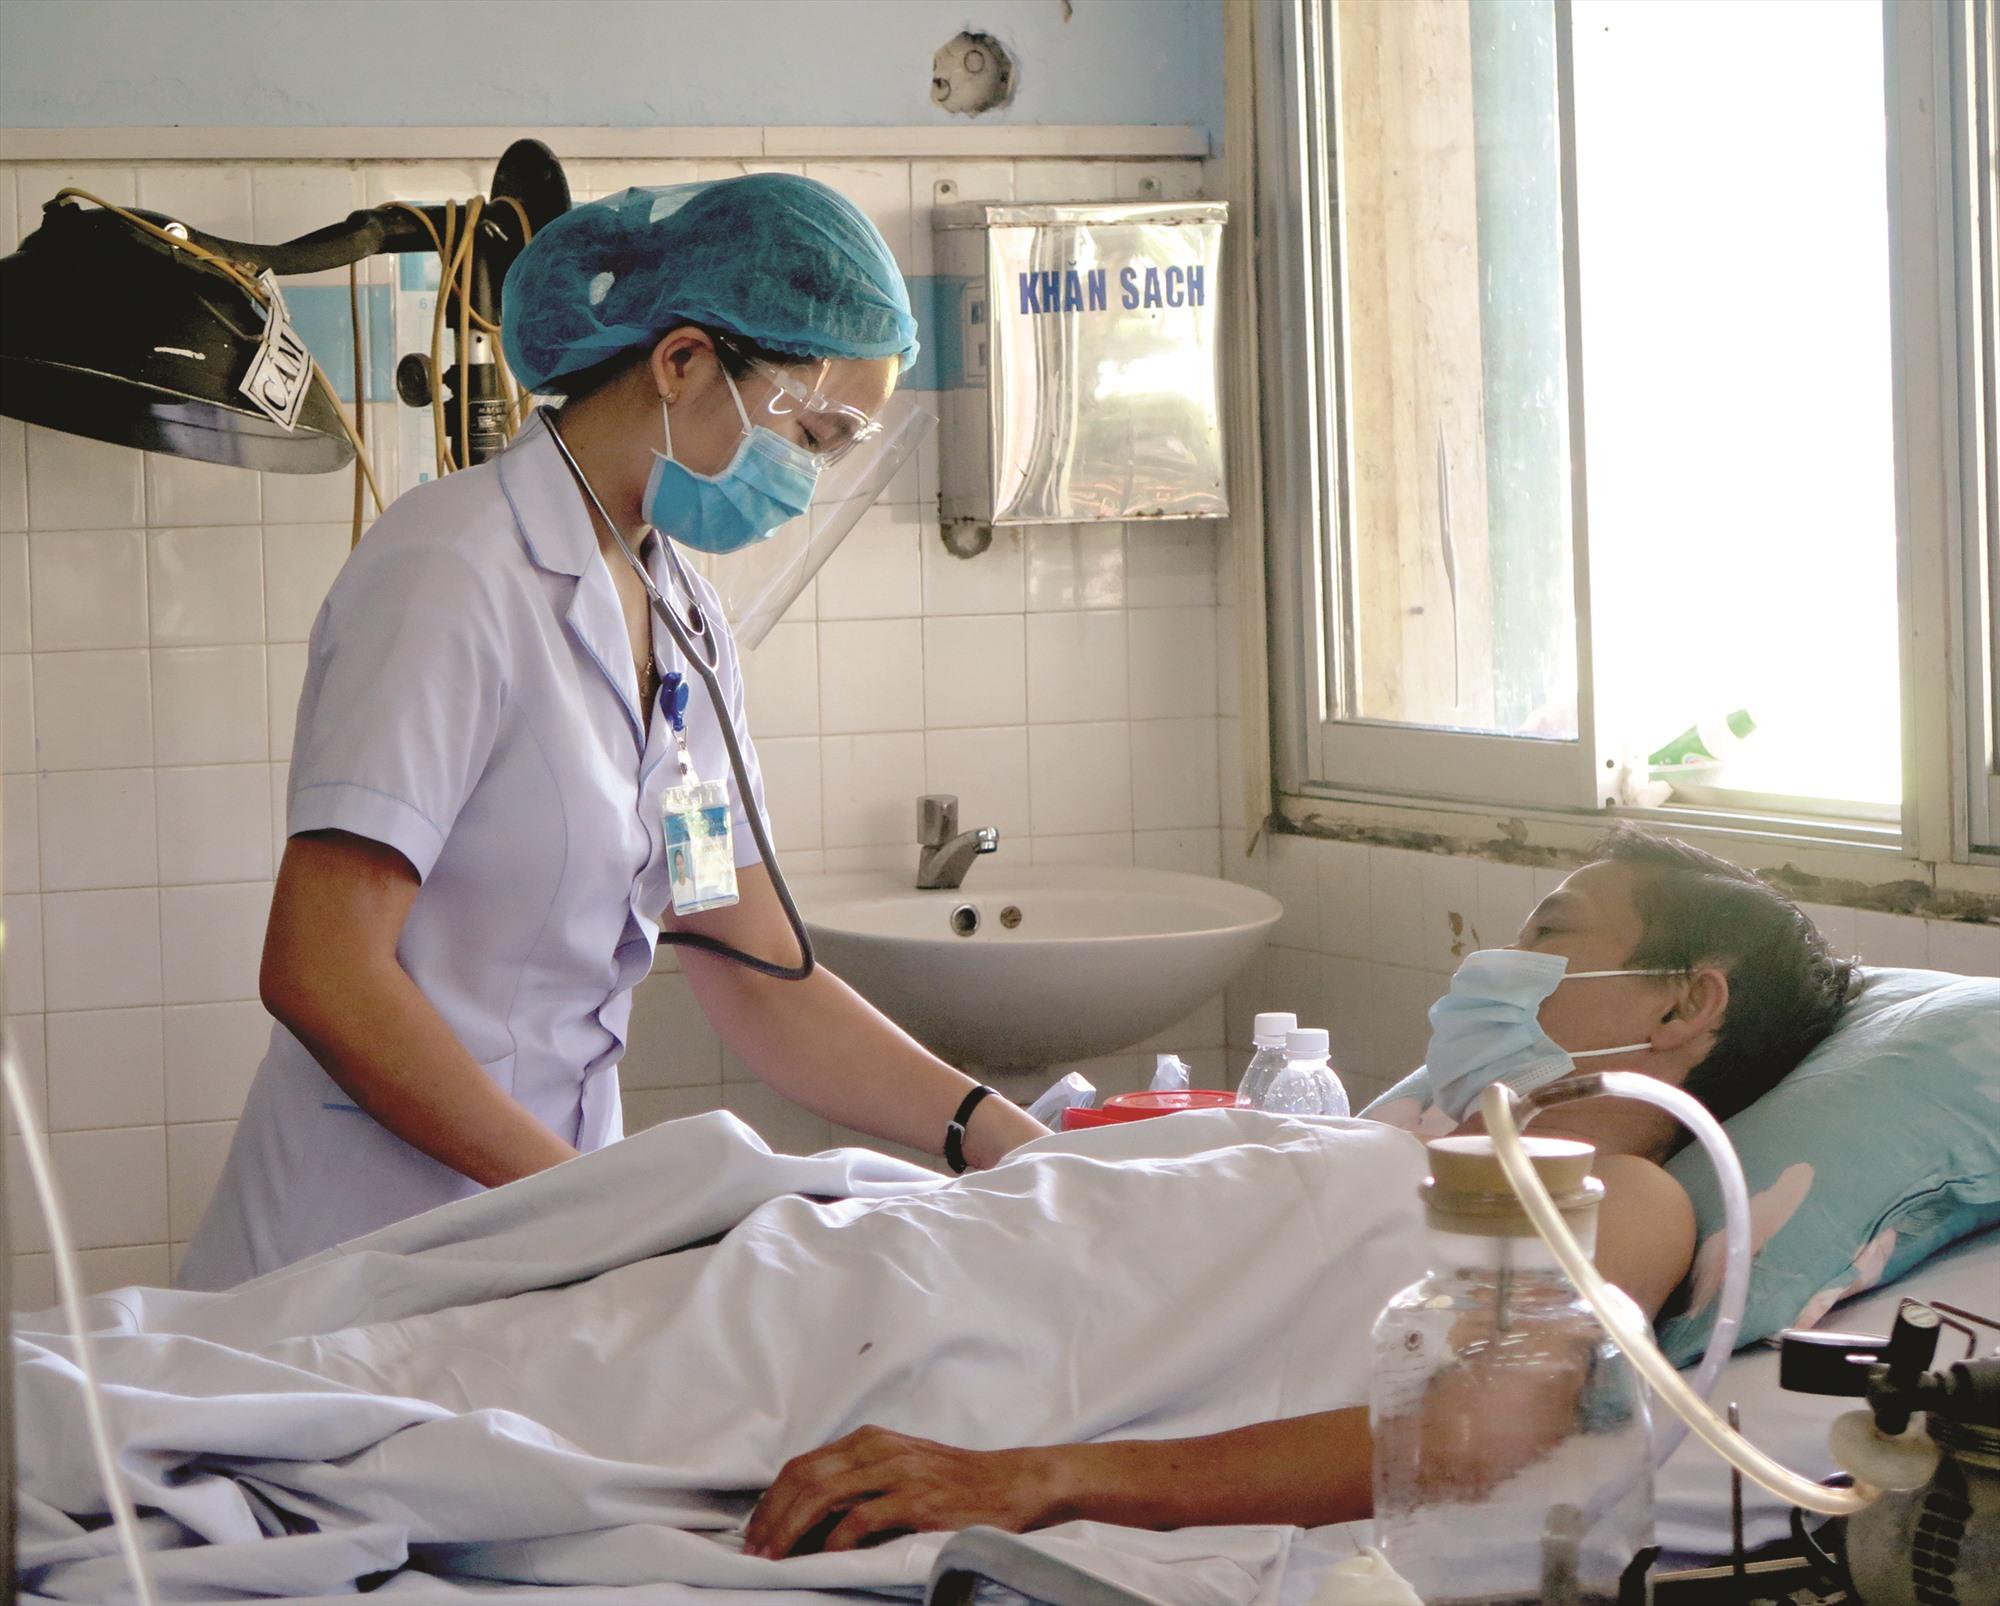 Bệnh nhân và người nhà cũng như nhân viên y tế phải tuân thủ các nguyên tắc về quy trình thăm bệnh, chăm sóc bệnh để giảm thiểu các rủi ro lây nhiễm. Ảnh: X.H